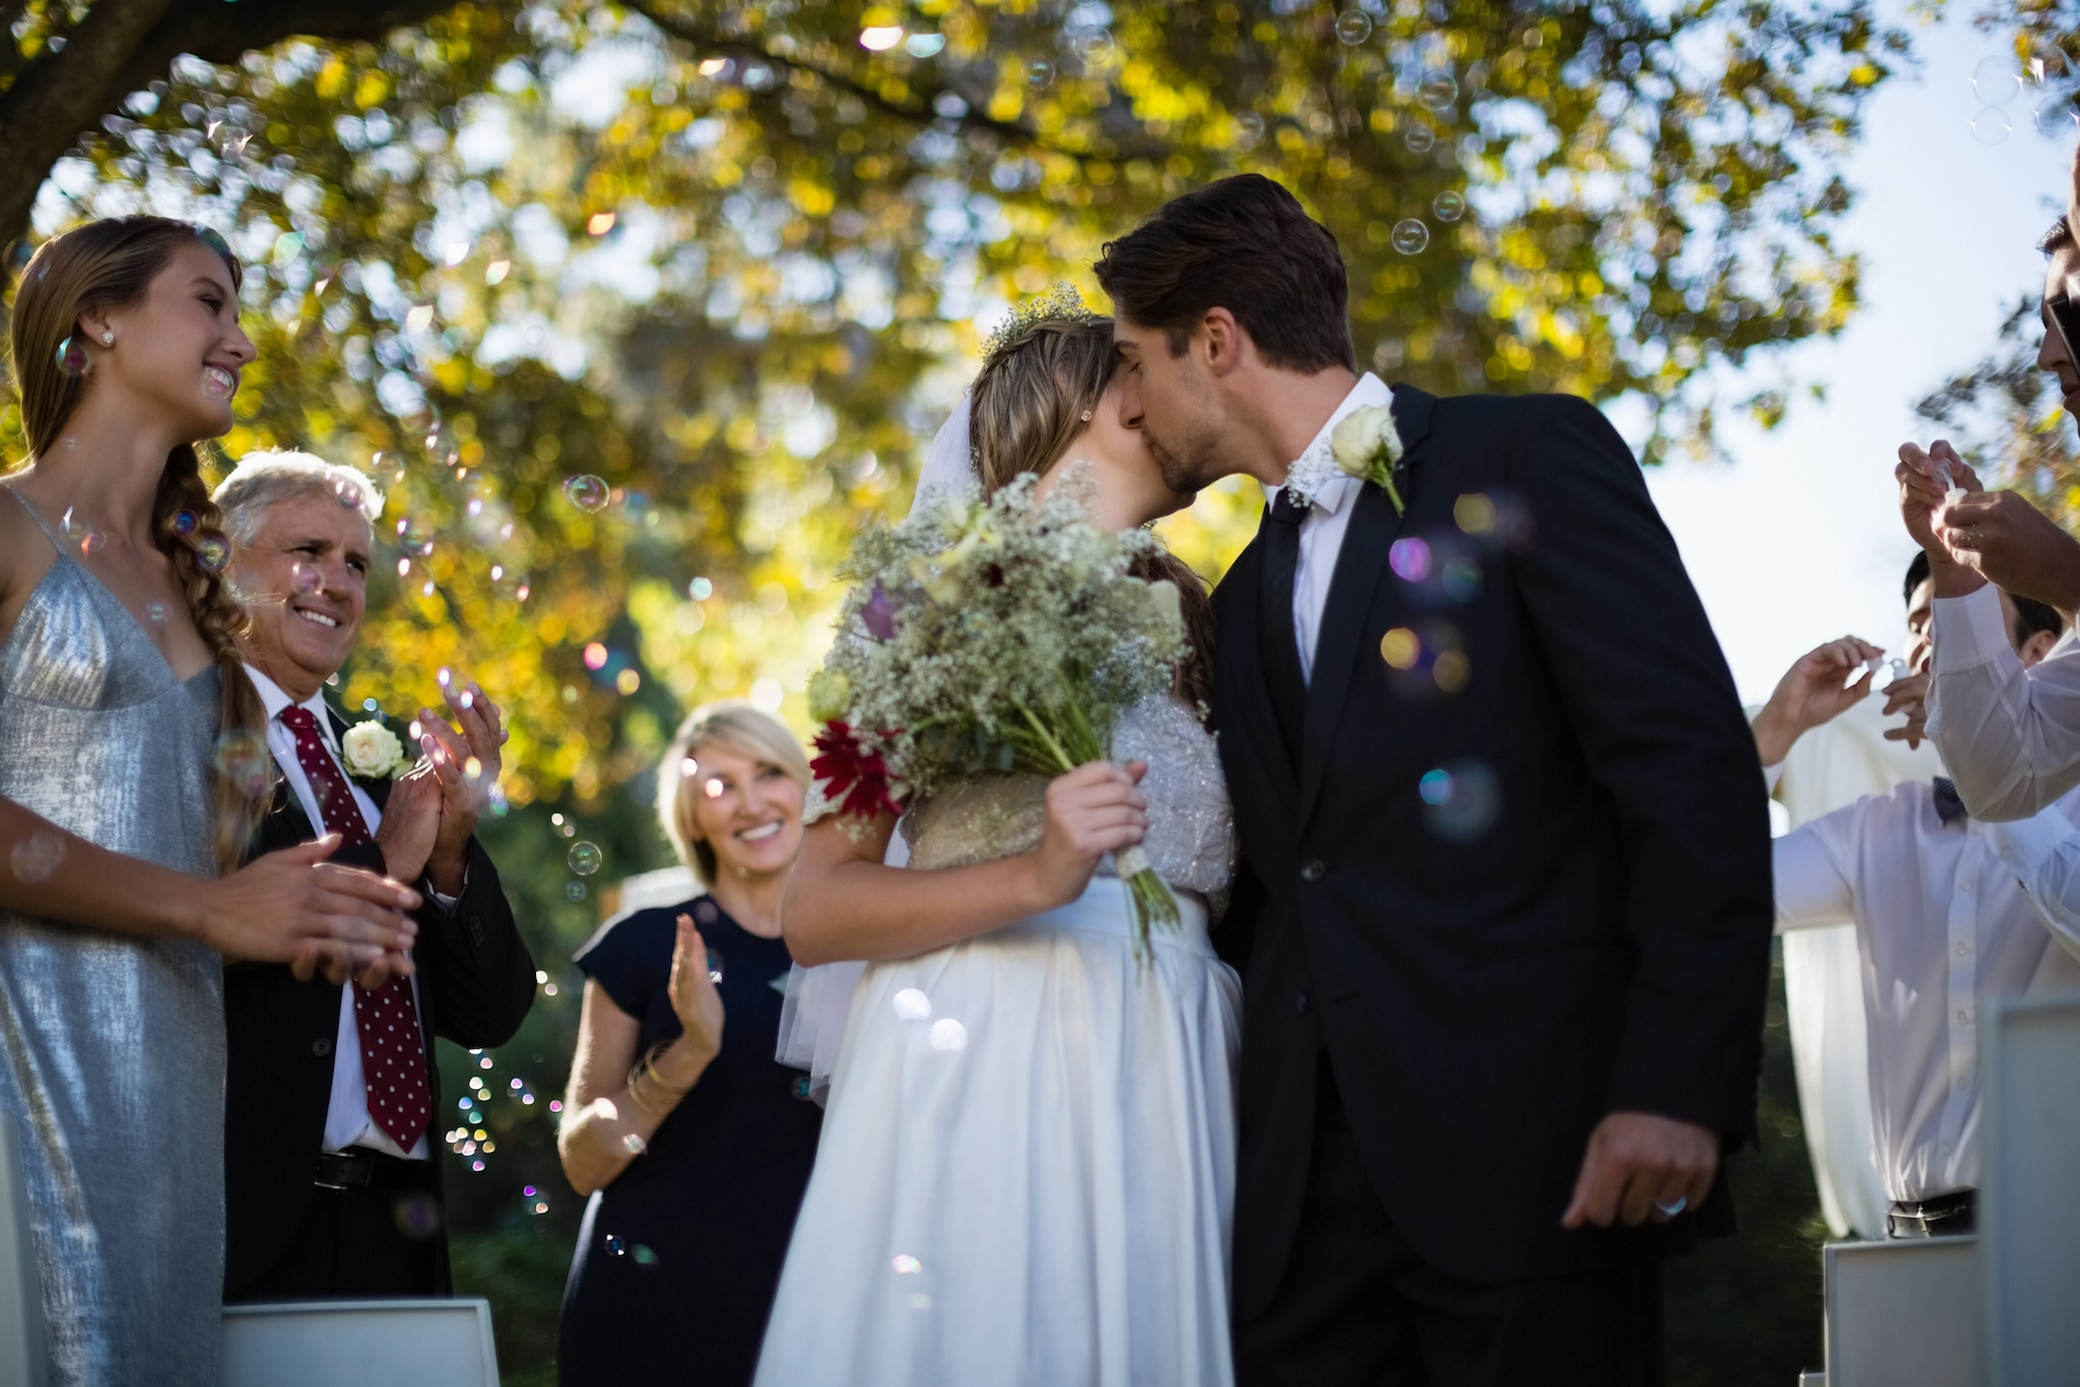 Darf ich auf einer Hochzeit Schwarz tragen? | STYLEBOOK